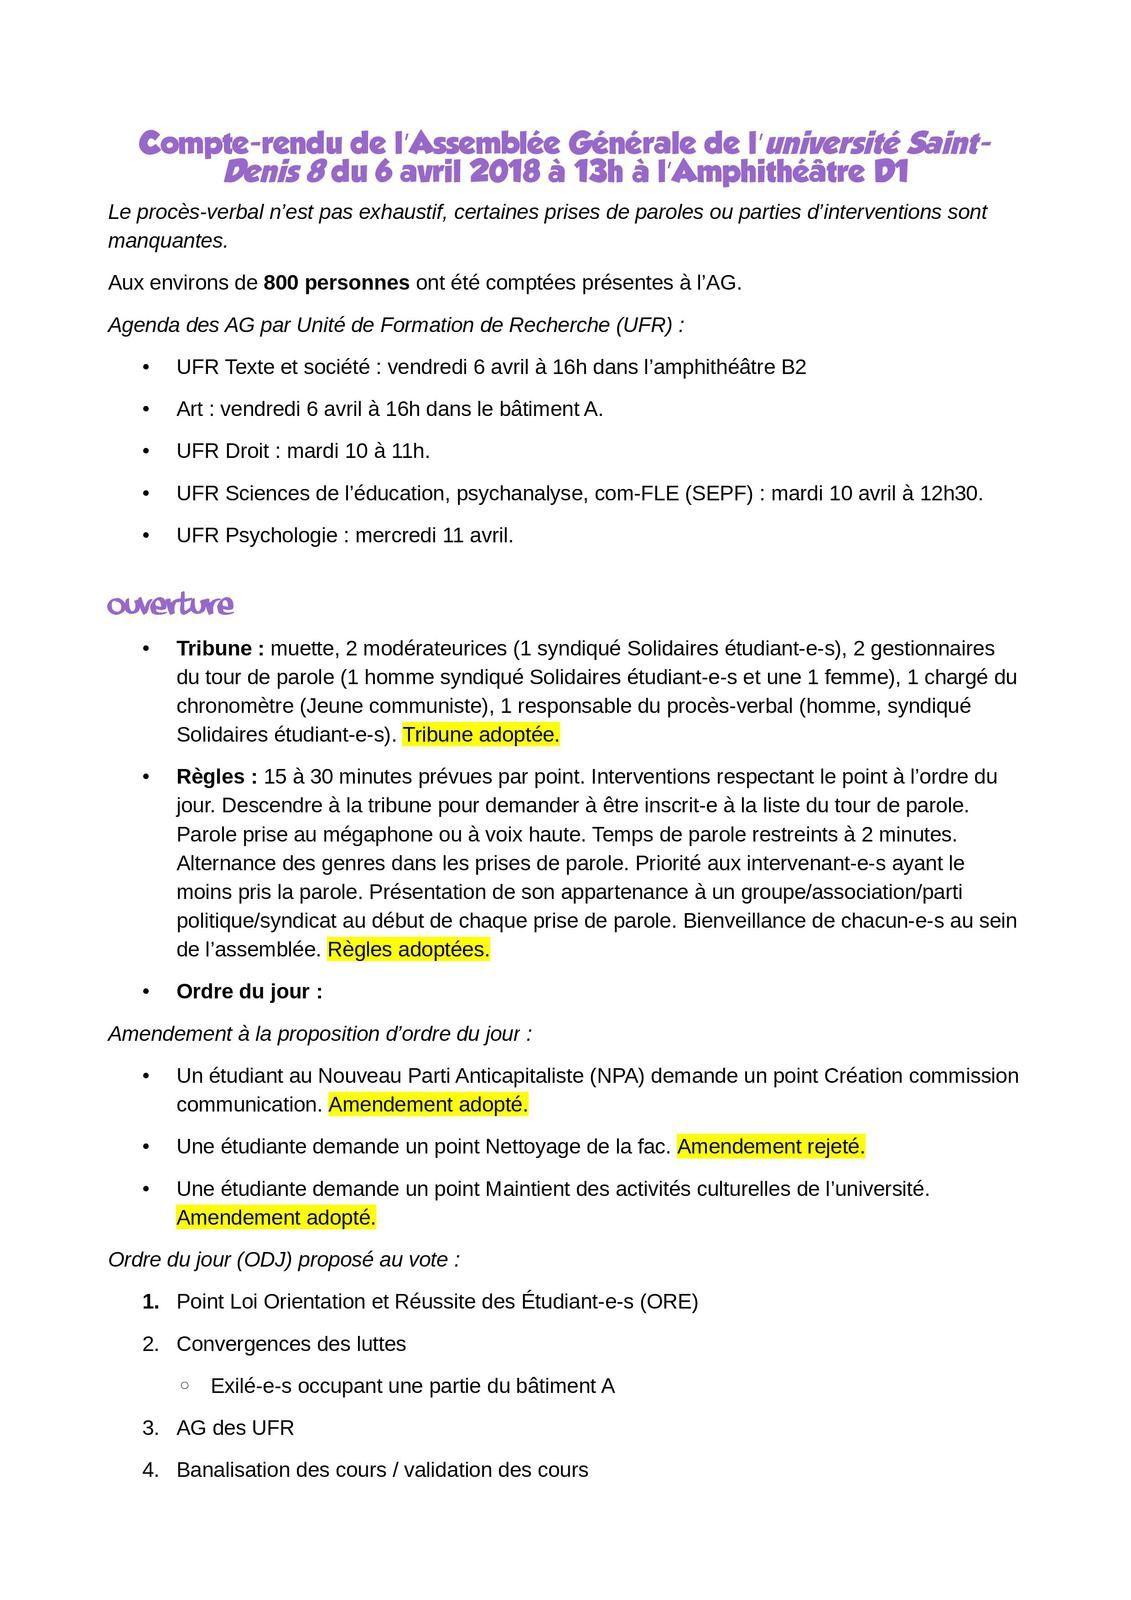 Compte Rendu De L Assemblee Generale De L Universite Saint Denis 8